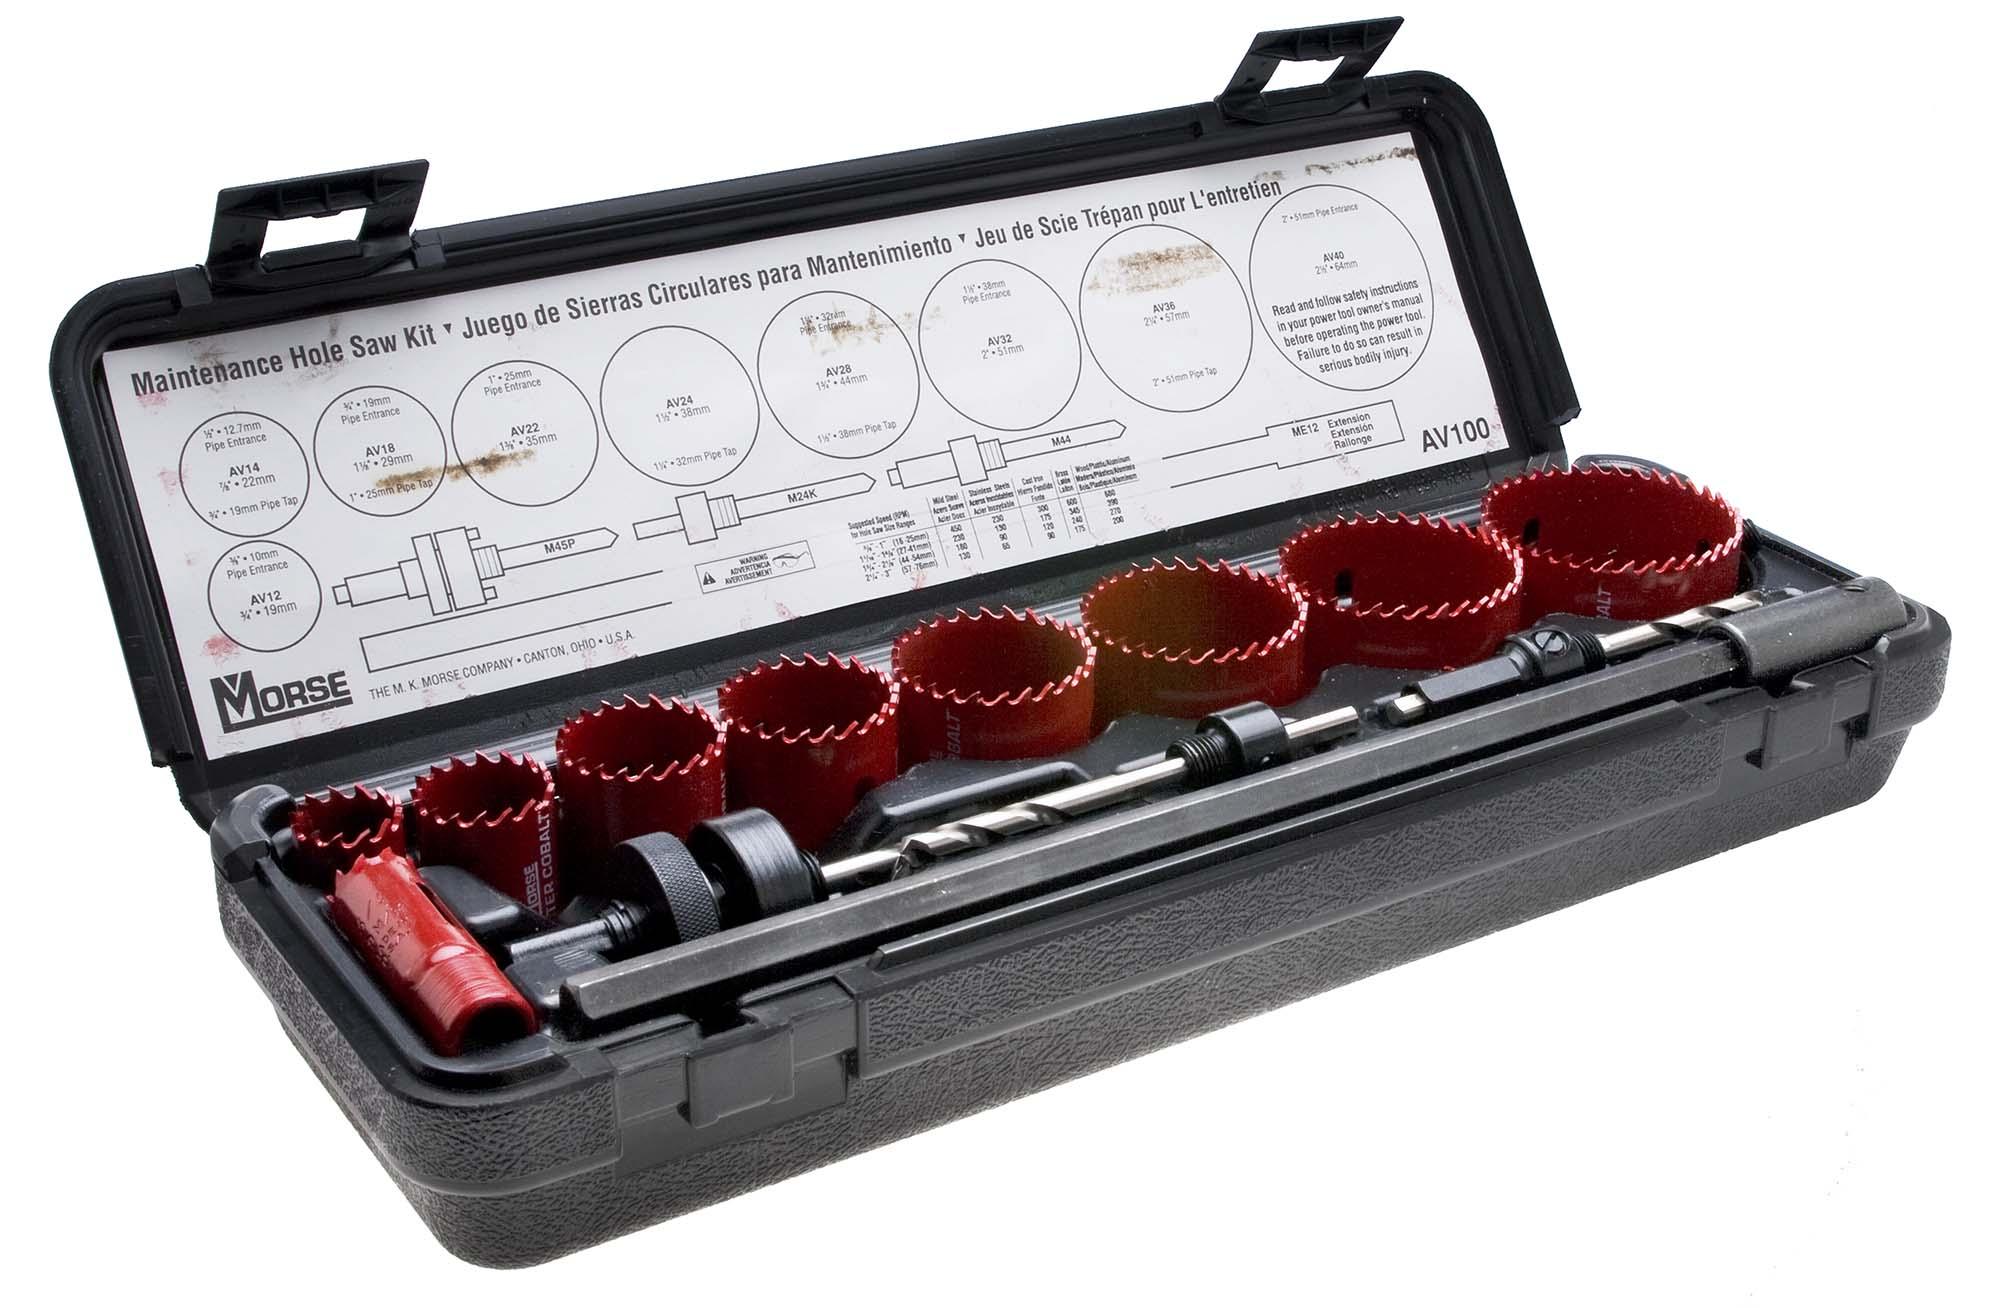 MK Morse Hole Saw Maintenance Kit